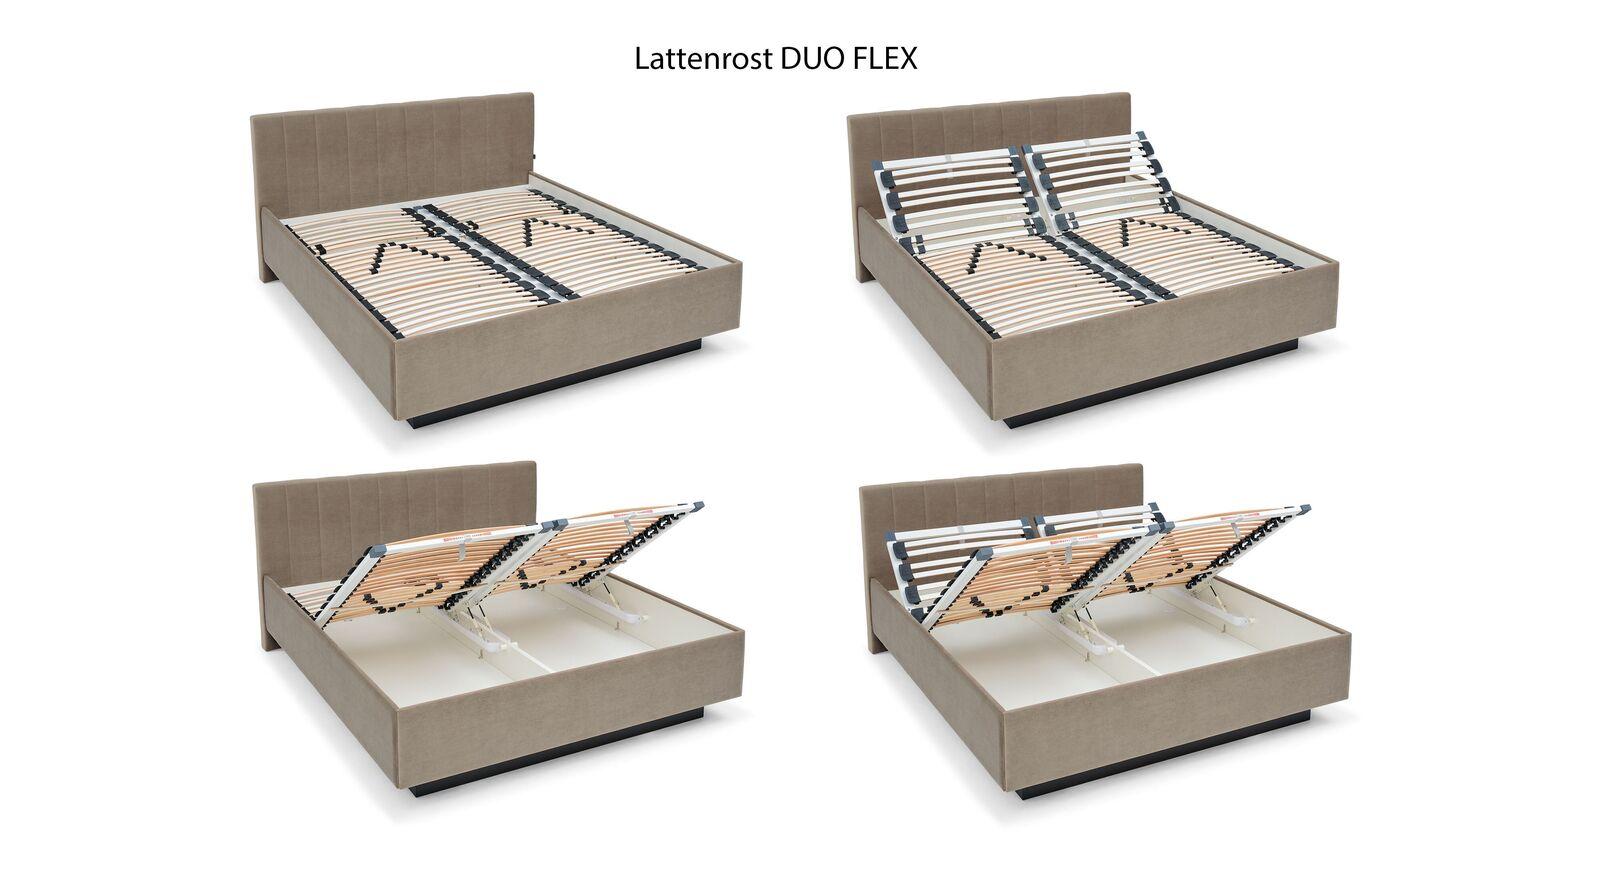 MUSTERRING Lattenrost Duo Flex mit praktischer Verstellung